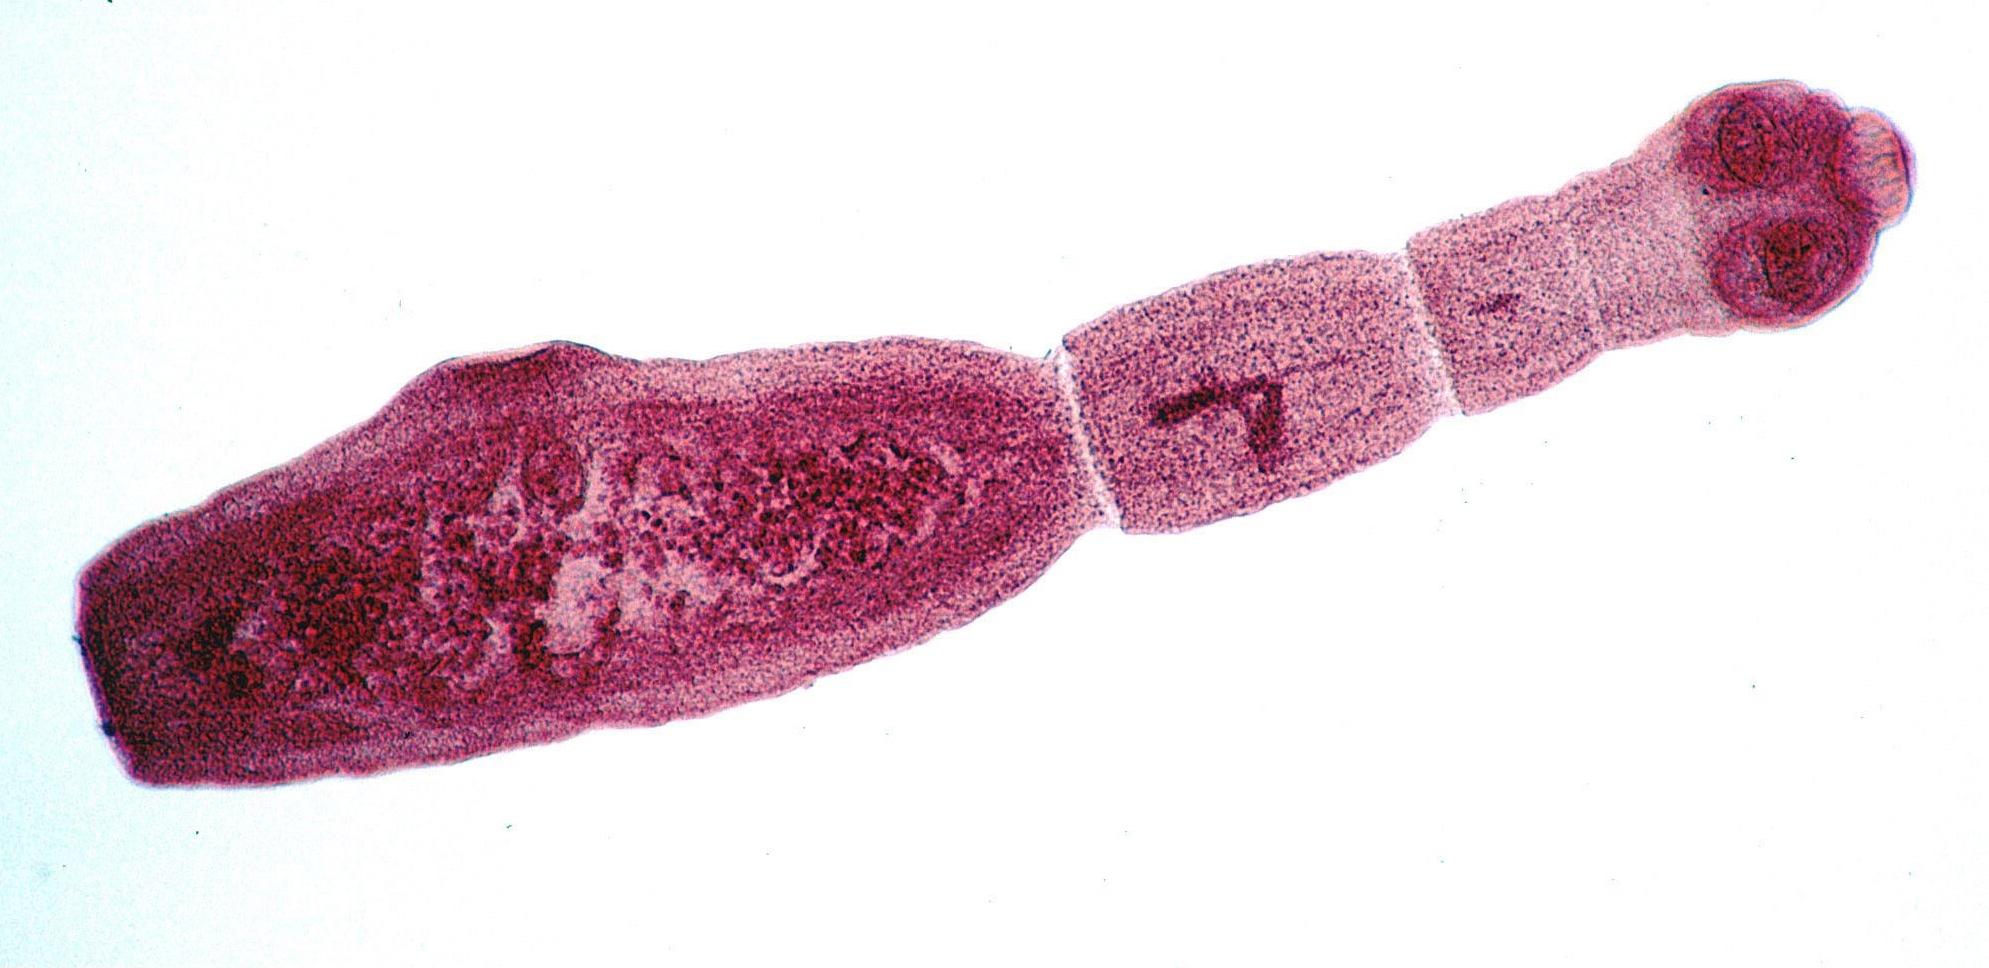 210617-tapeworm-echinococcus-multilocularis-adult-main.jpg